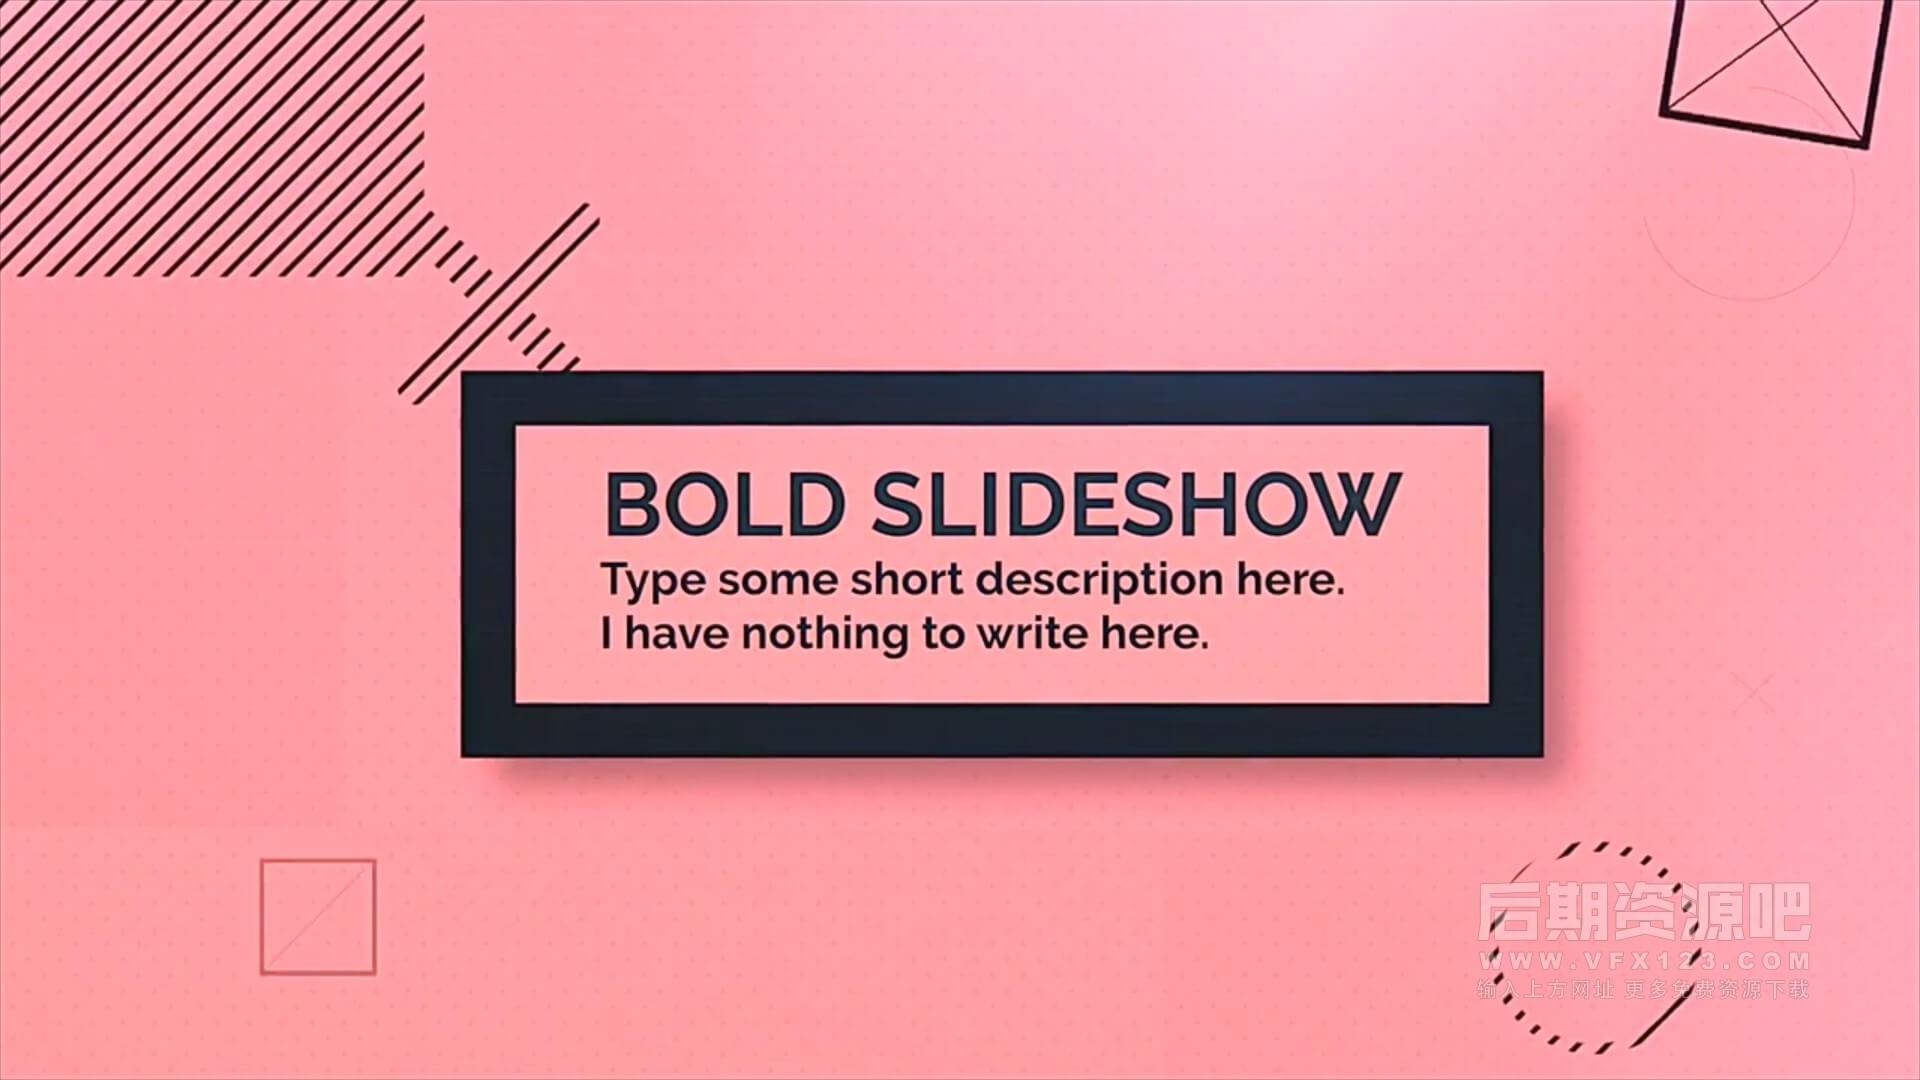 fcpx主题模板 简约现代实用图文展示相册模板 Bold Slideshow